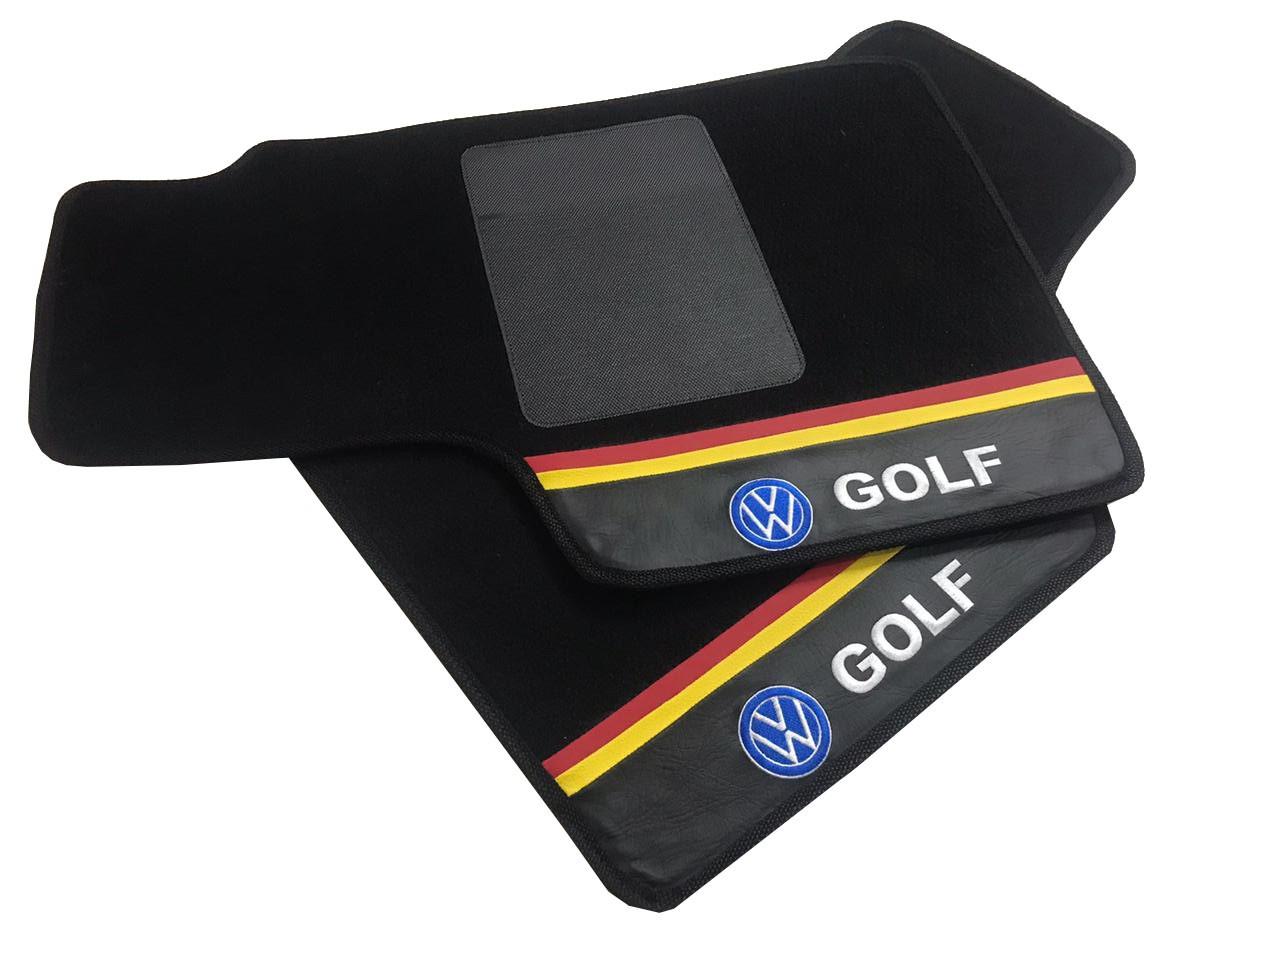 Tapete New Golf Gti Carpete Premium Original